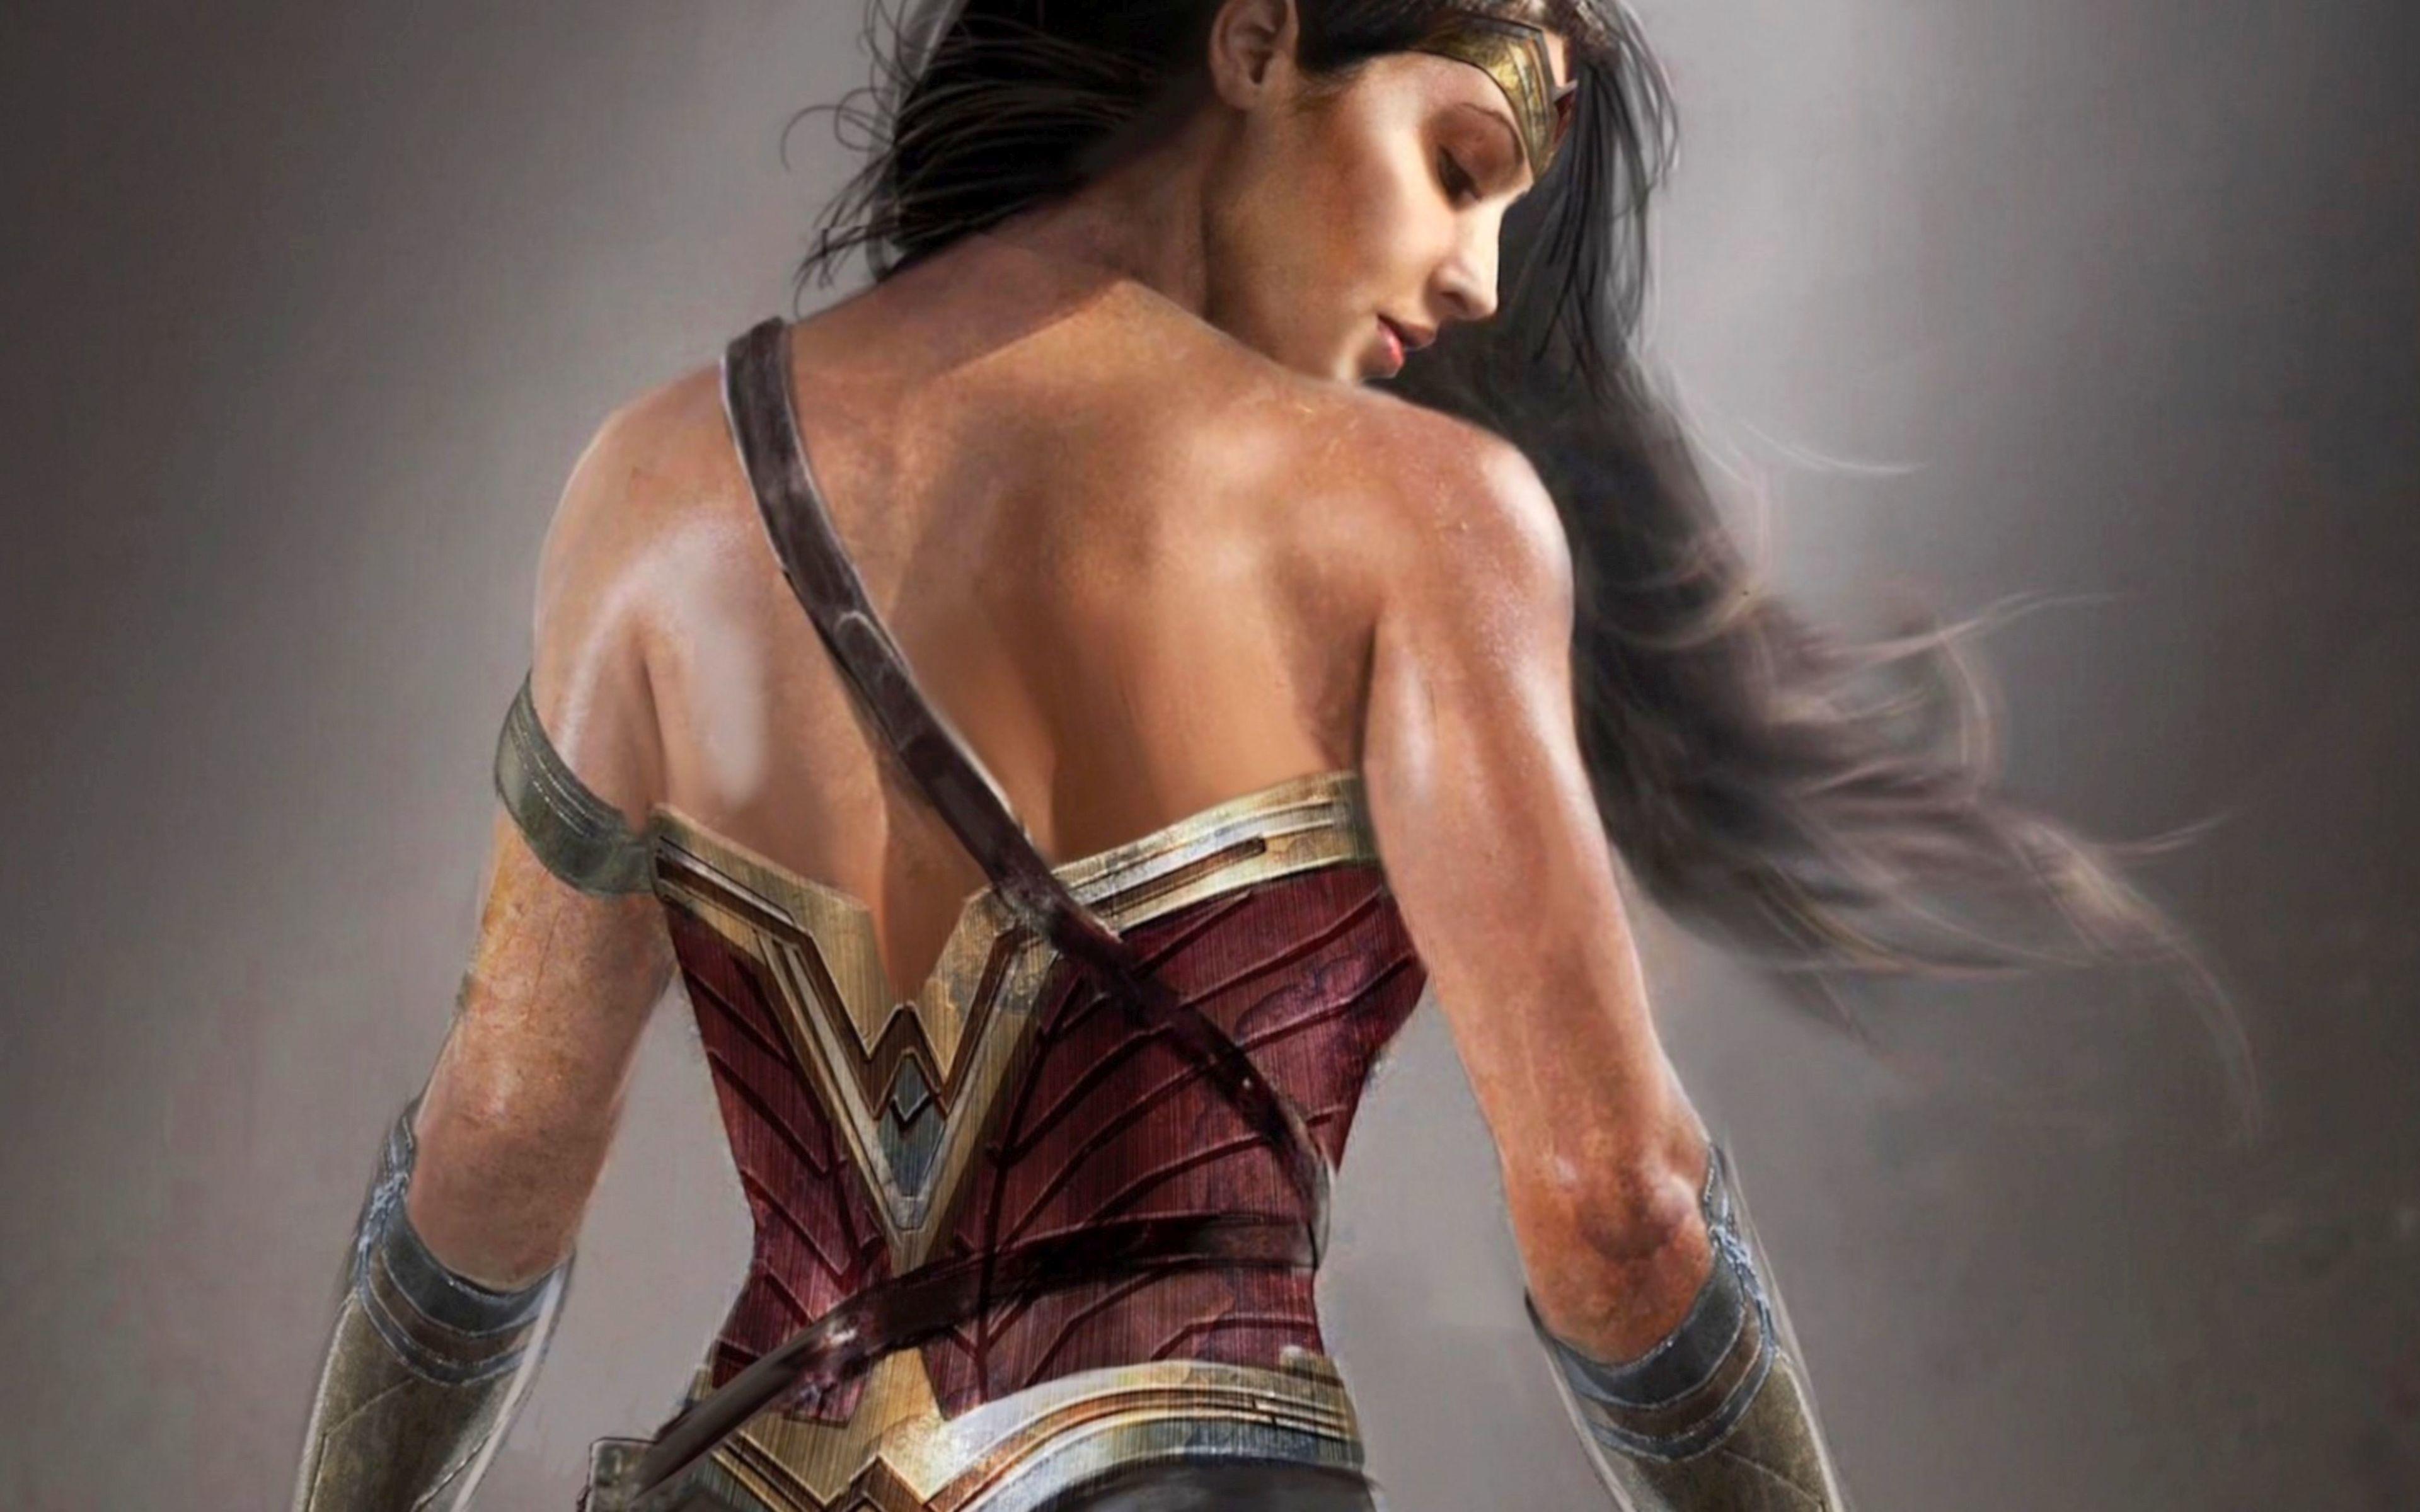 Wonder Women Gal Gadot Wallpapers Top Free Wonder Women Gal